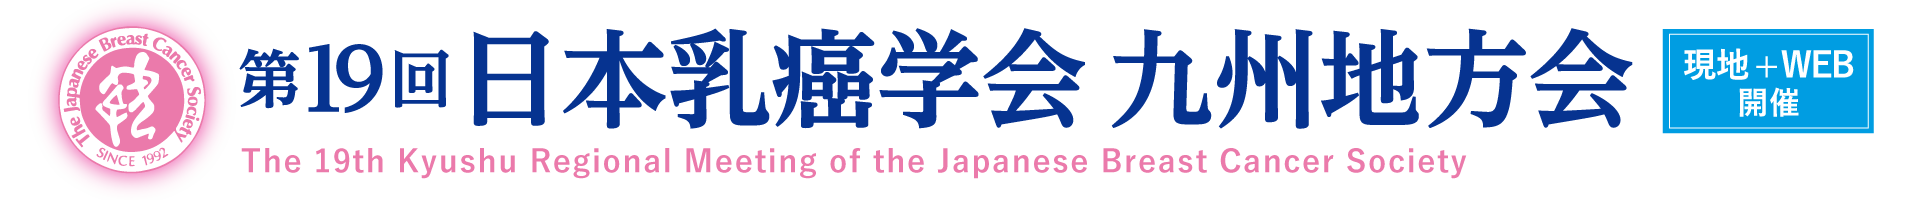 第19回日本乳癌学会九州地方会